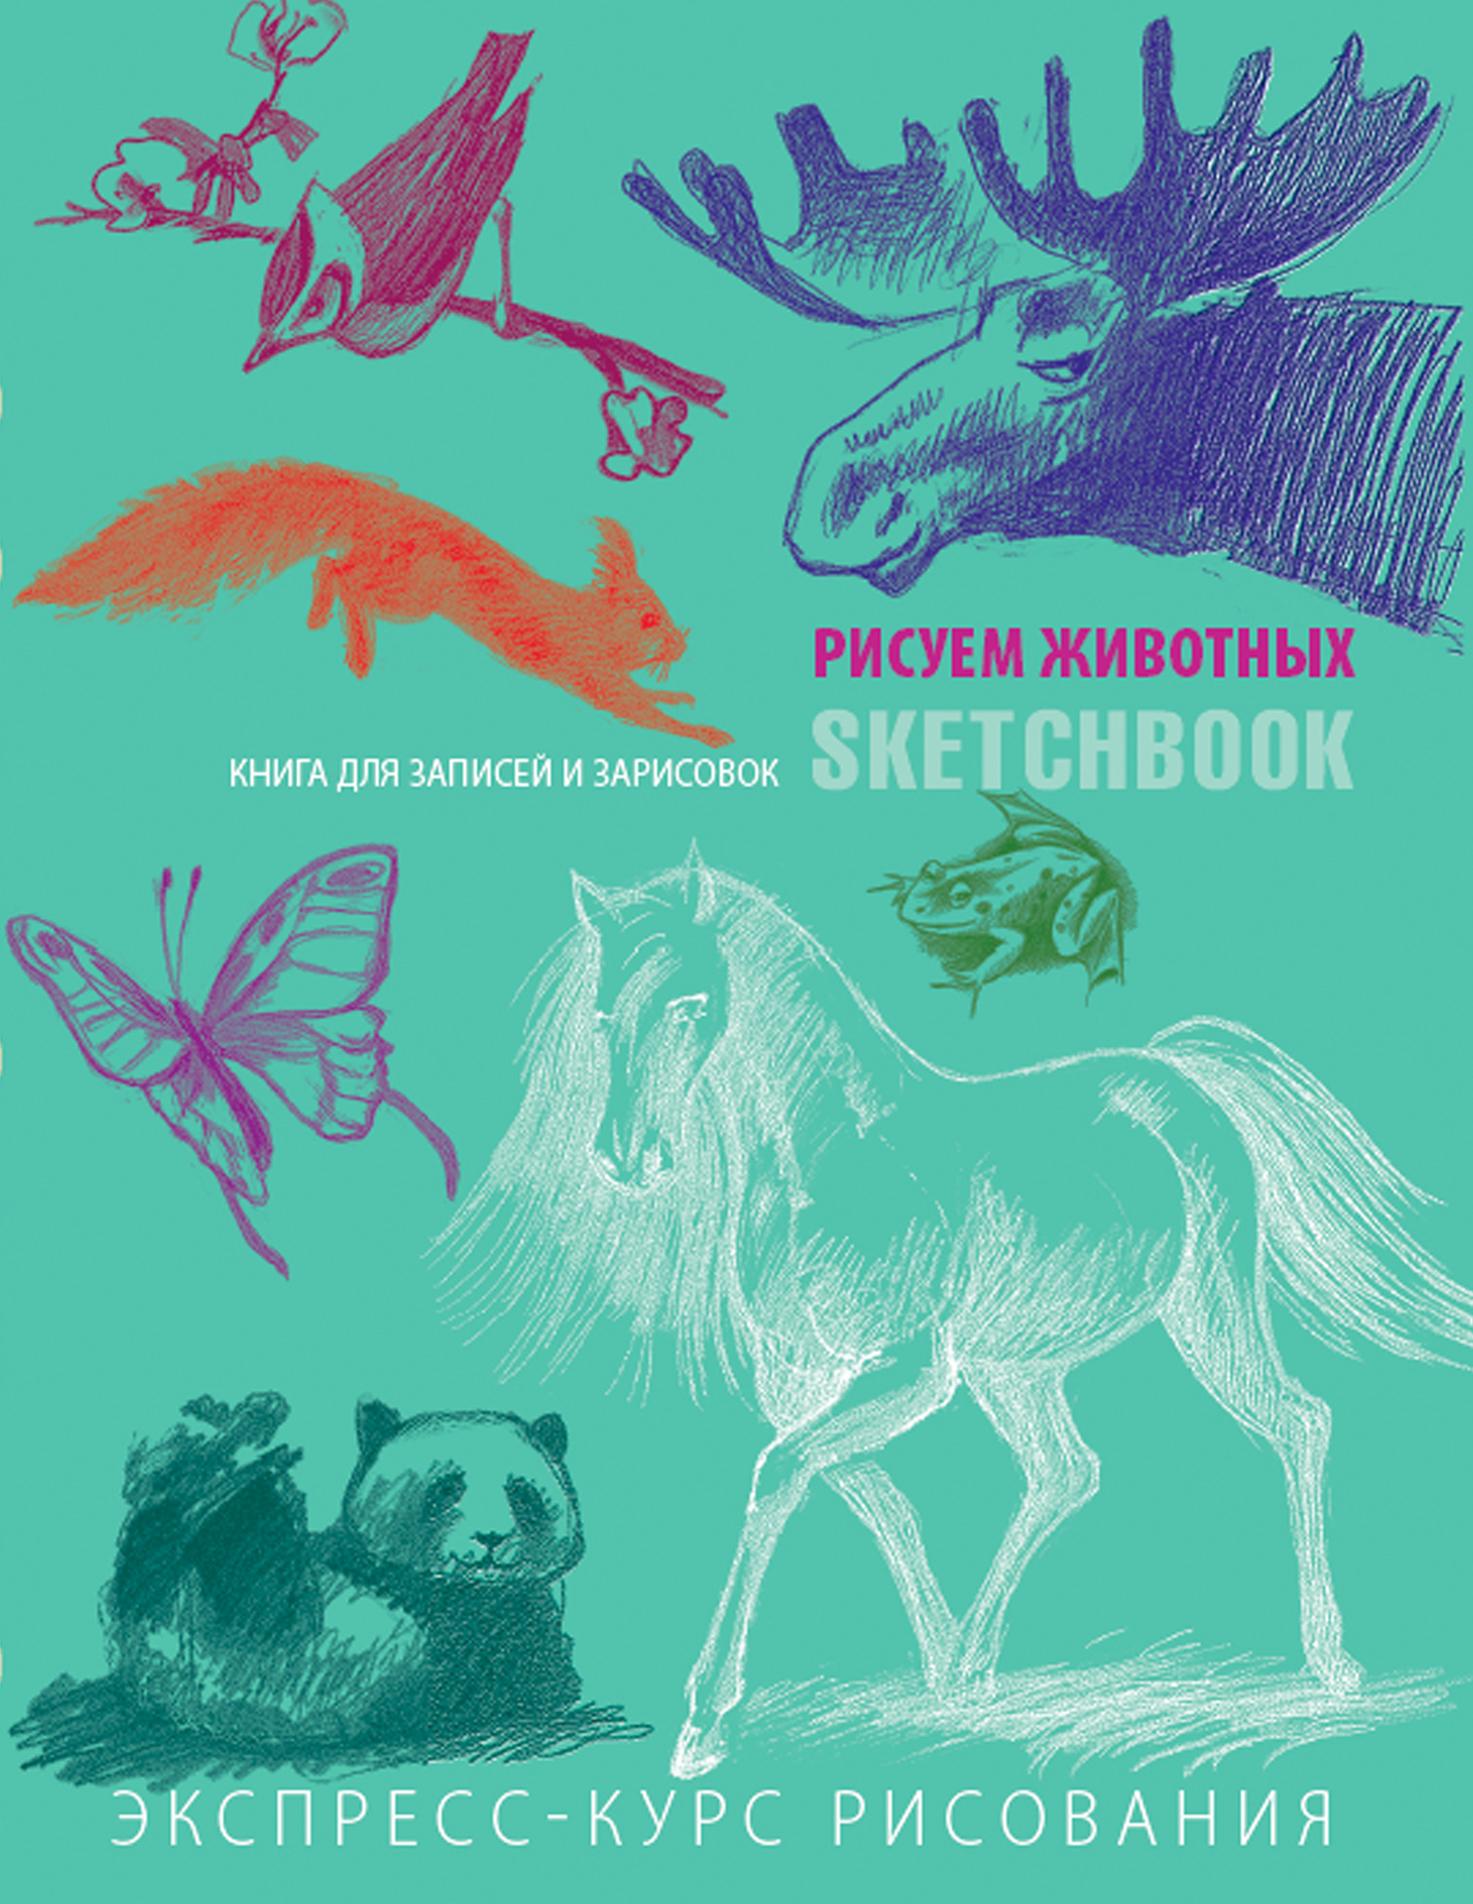 Sketchbook с уроками внутри. Рисуем животных (мята)